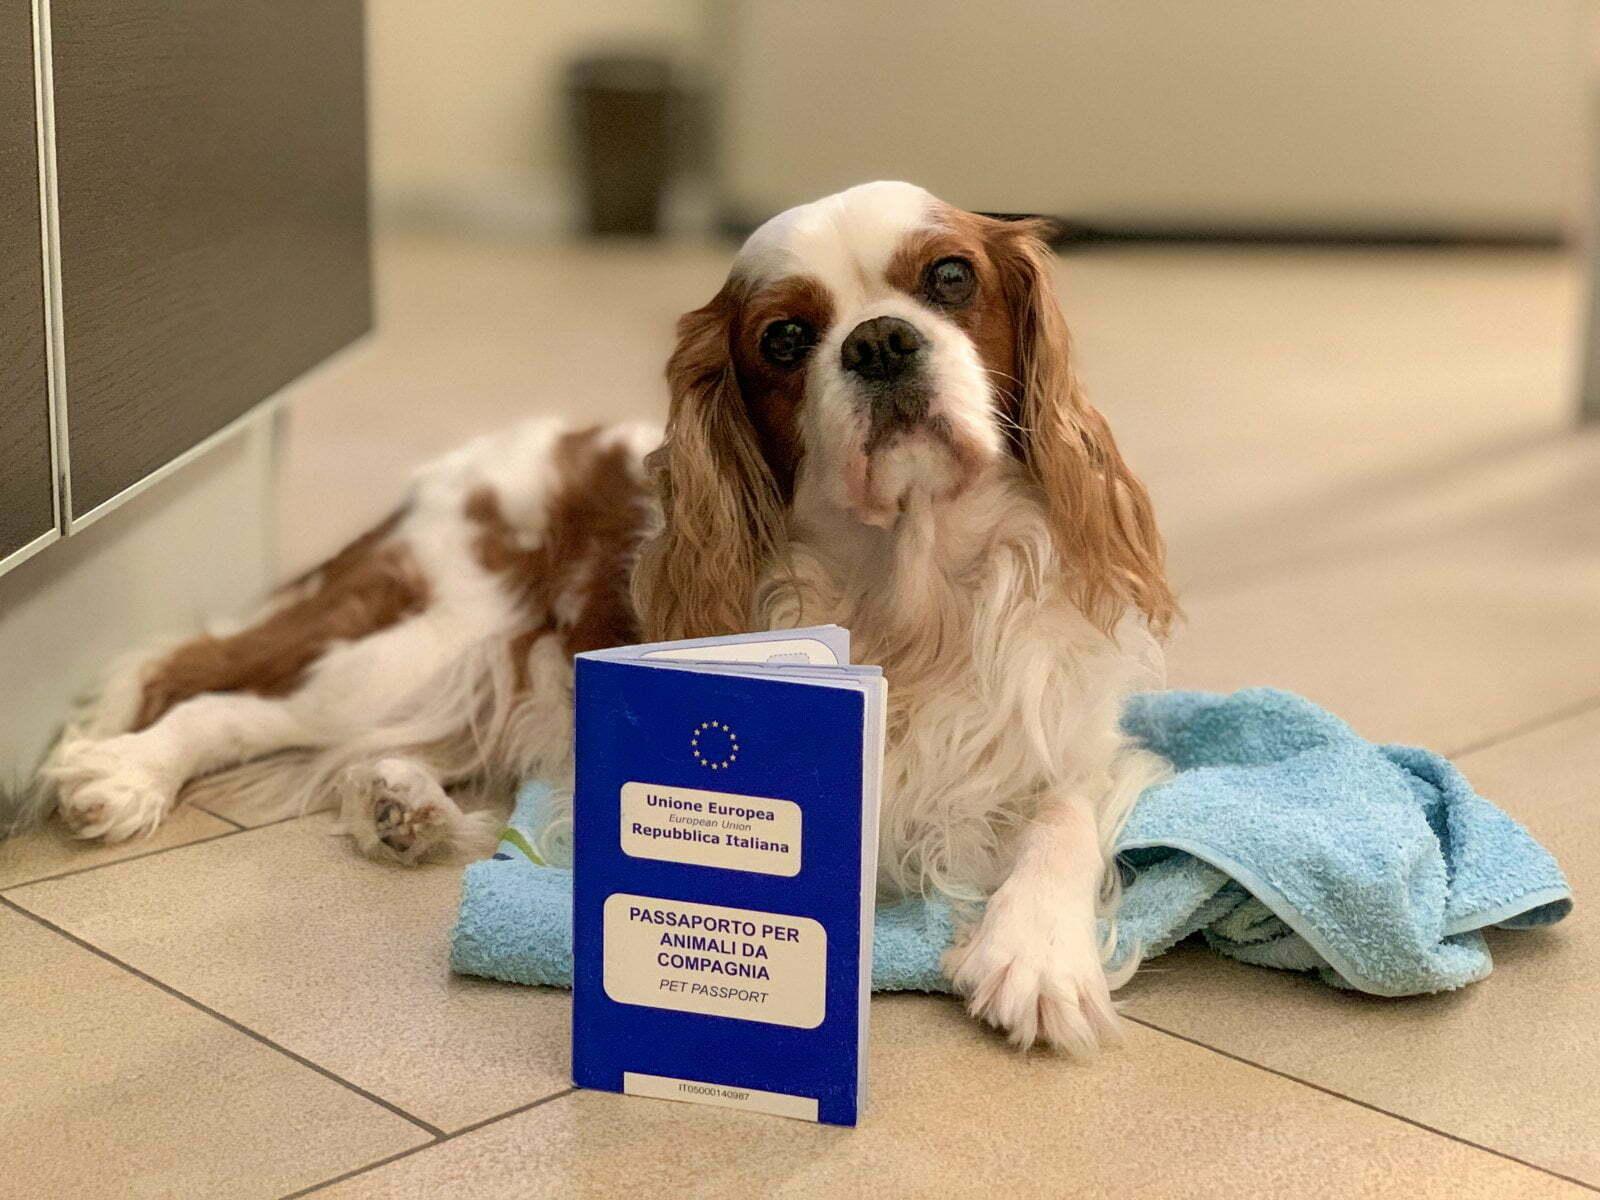 Passaporto per il cane: tempi, costi e scadenza